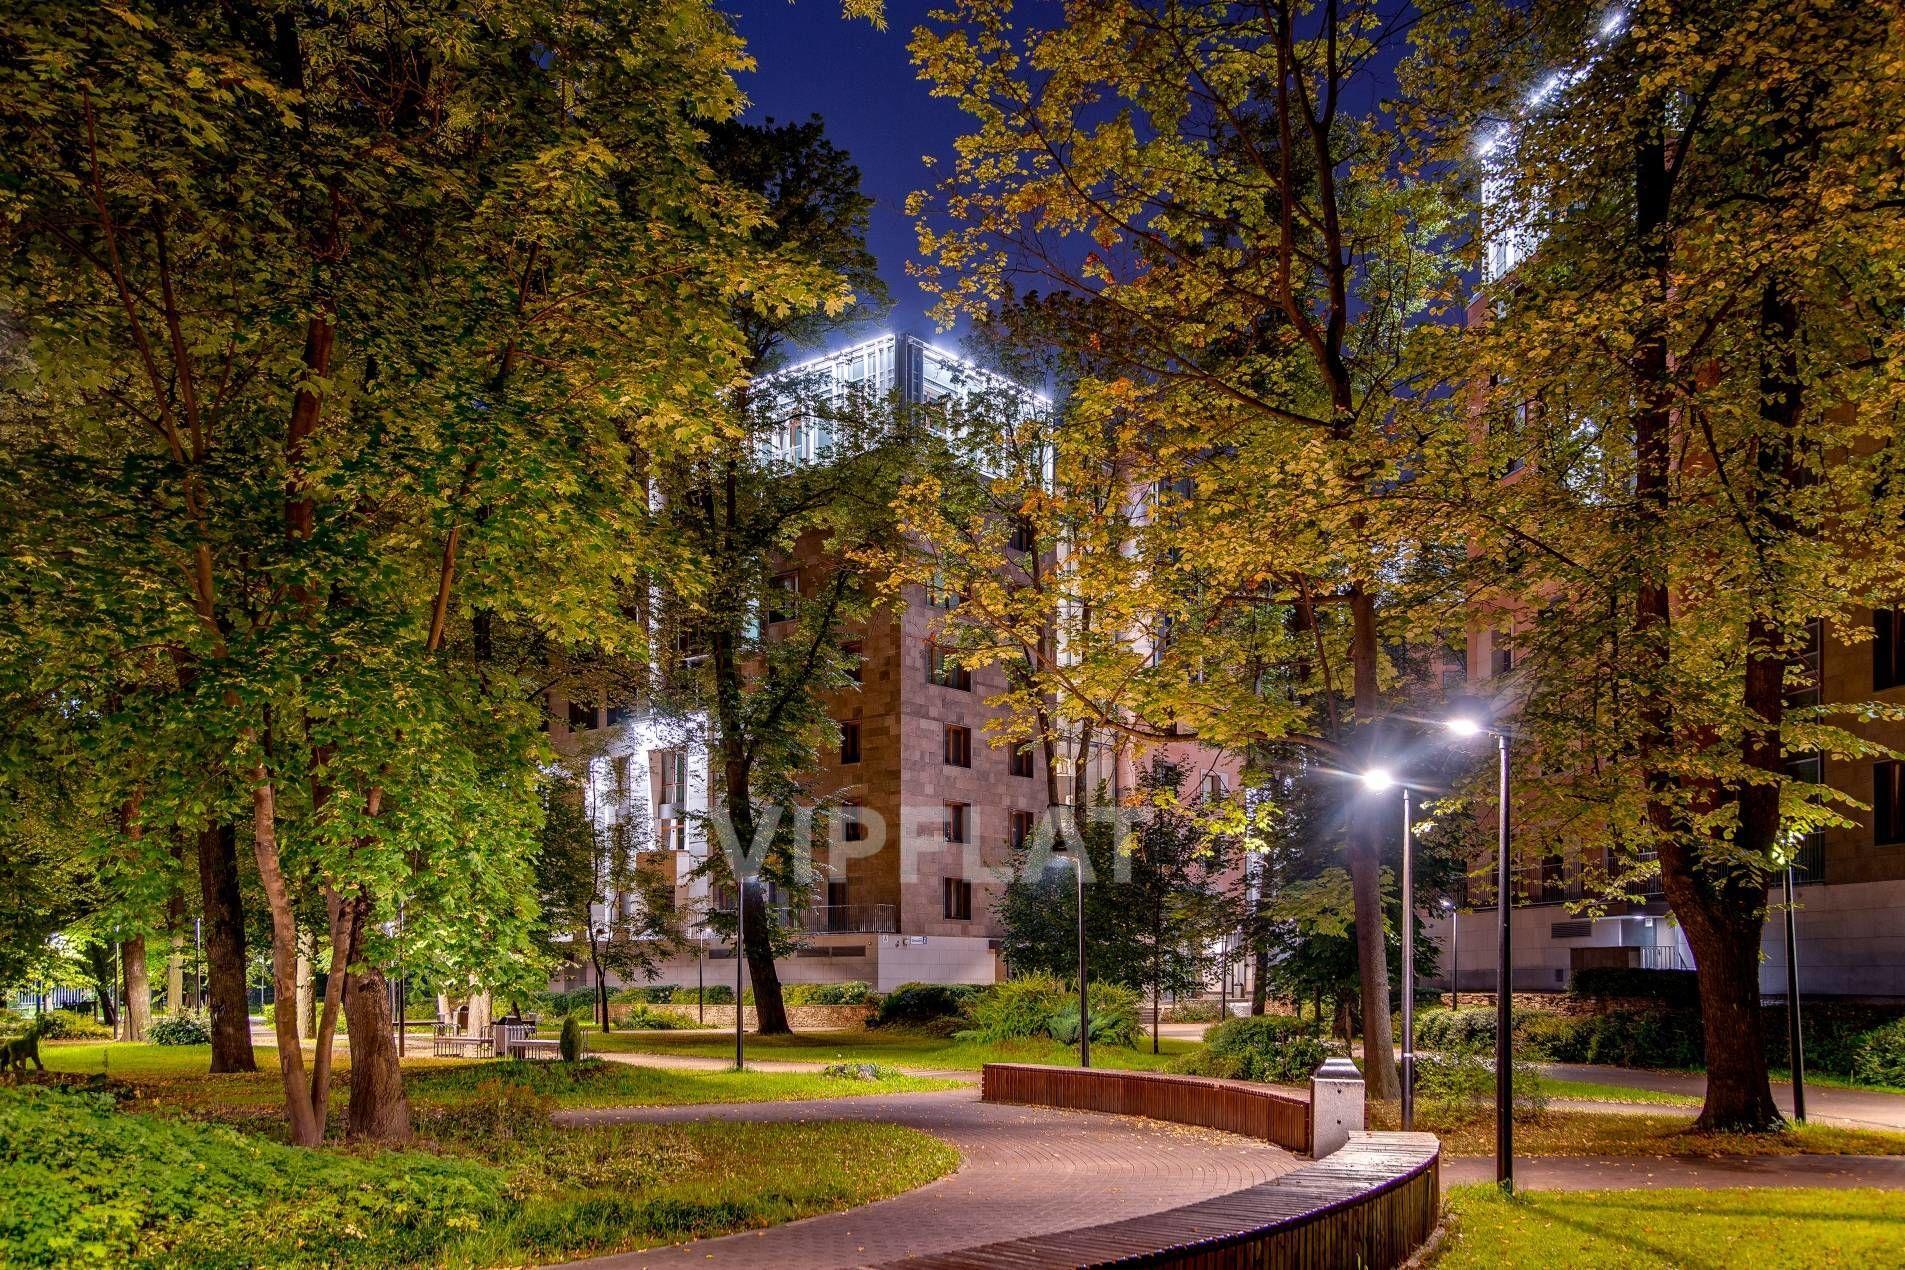 Продажа элитных квартир Санкт-Петербурга. «Смольный парк» Смольного ул., 4  Парк на территории комплекса